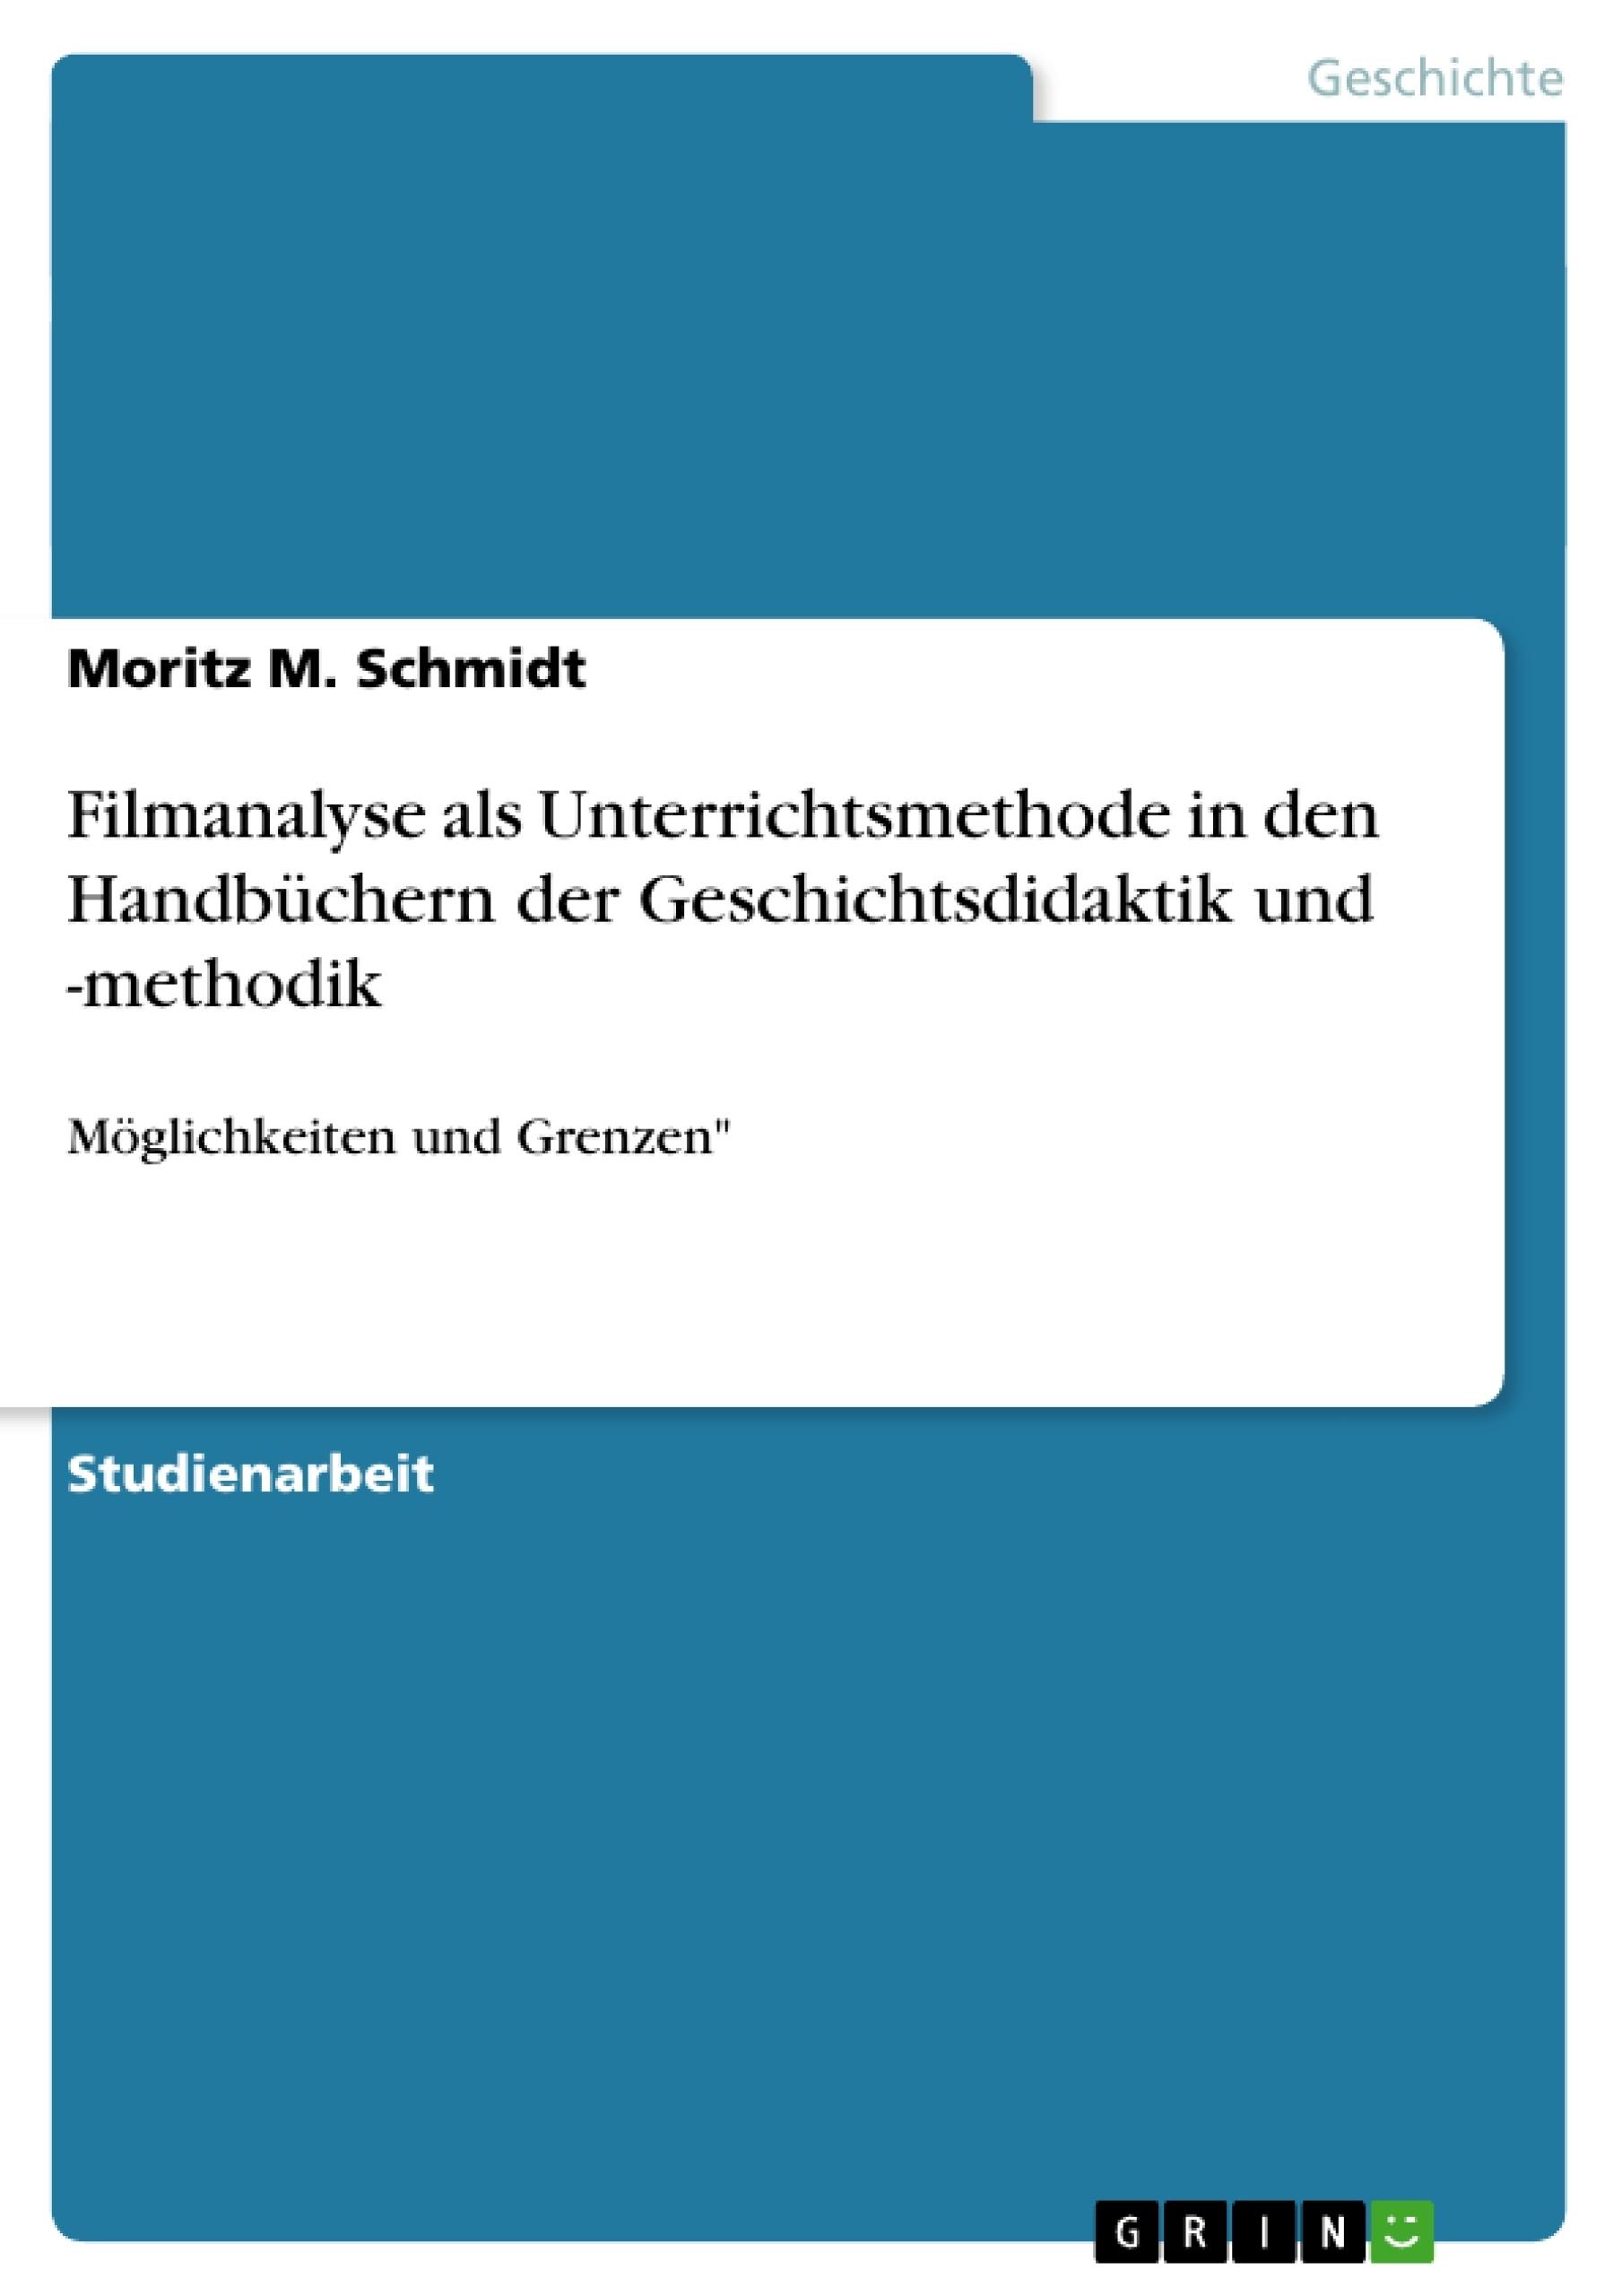 Titel: Filmanalyse als Unterrichtsmethode in den Handbüchern der Geschichtsdidaktik und -methodik